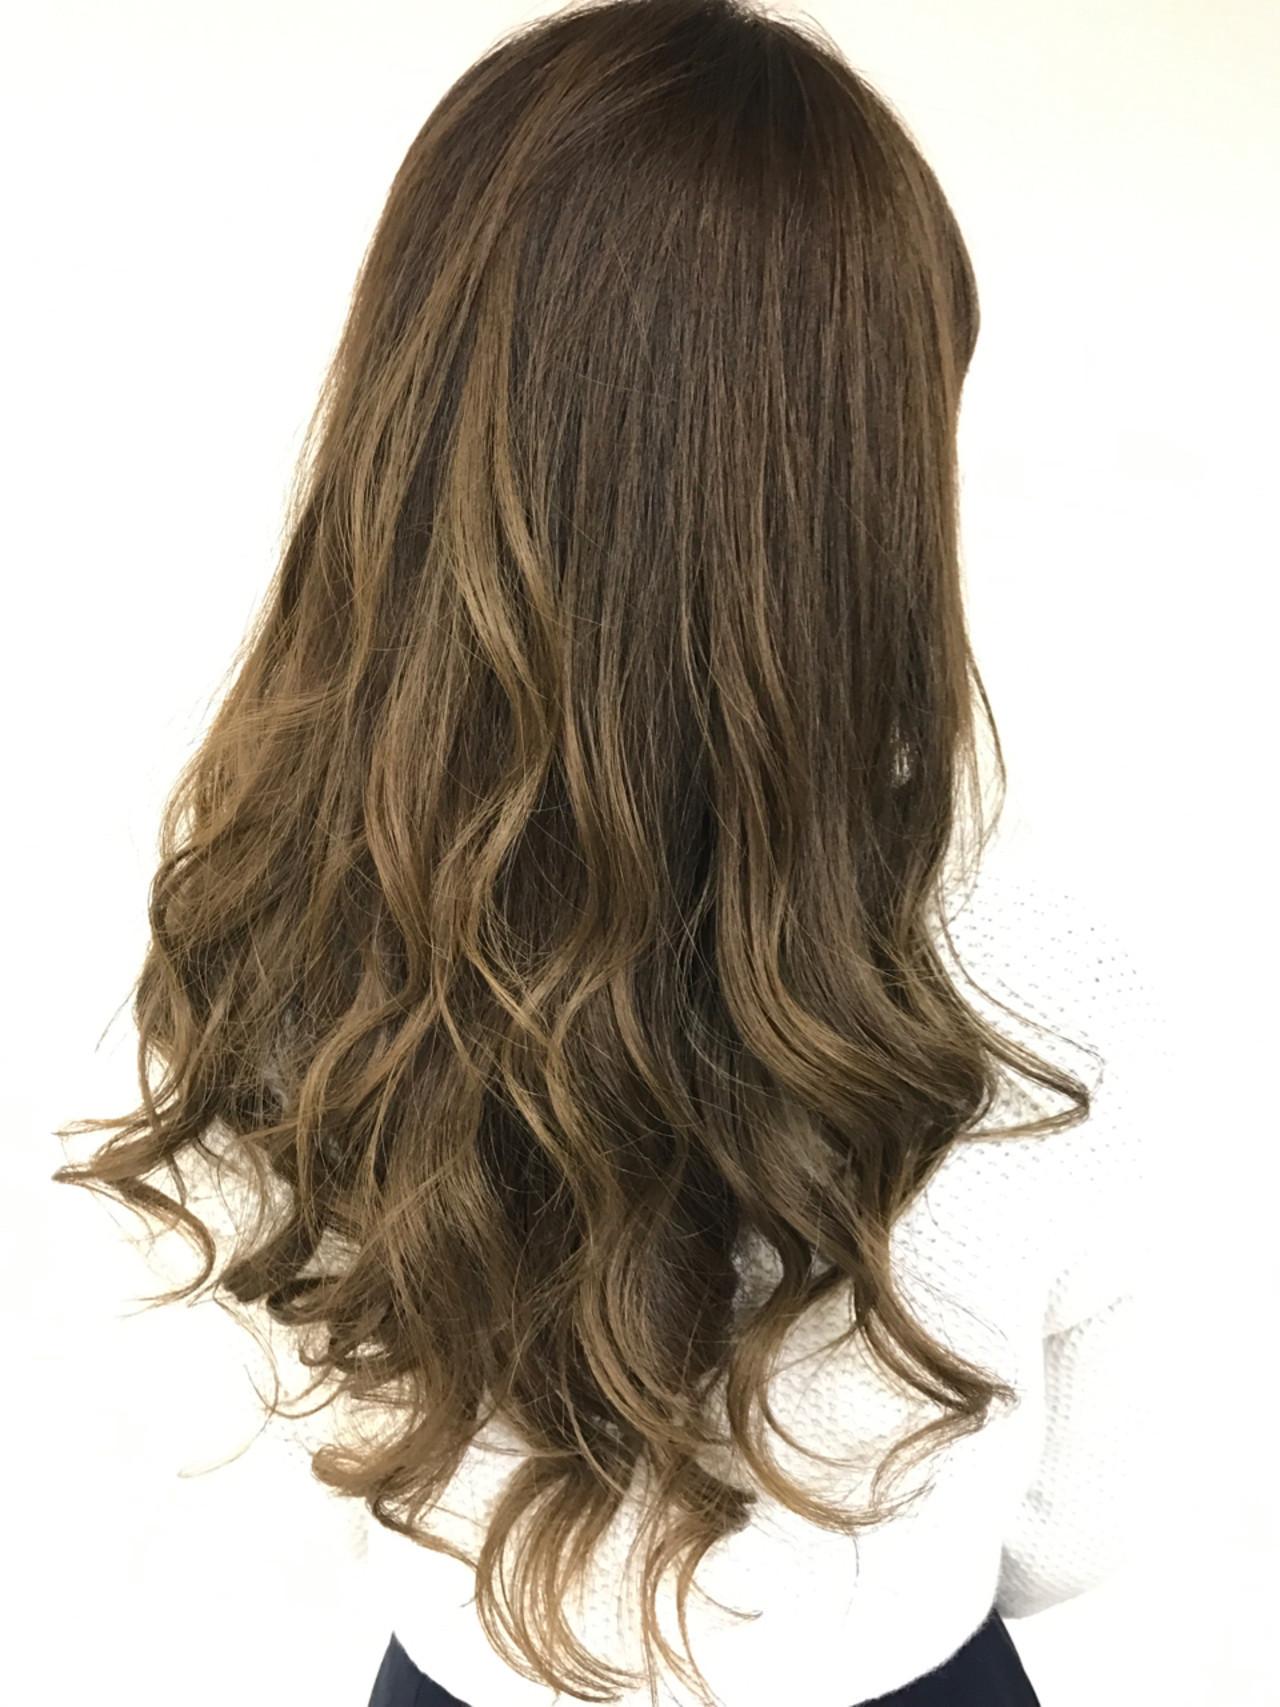 イルミナカラー グラデーションカラー ロング ブリーチなし ヘアスタイルや髪型の写真・画像